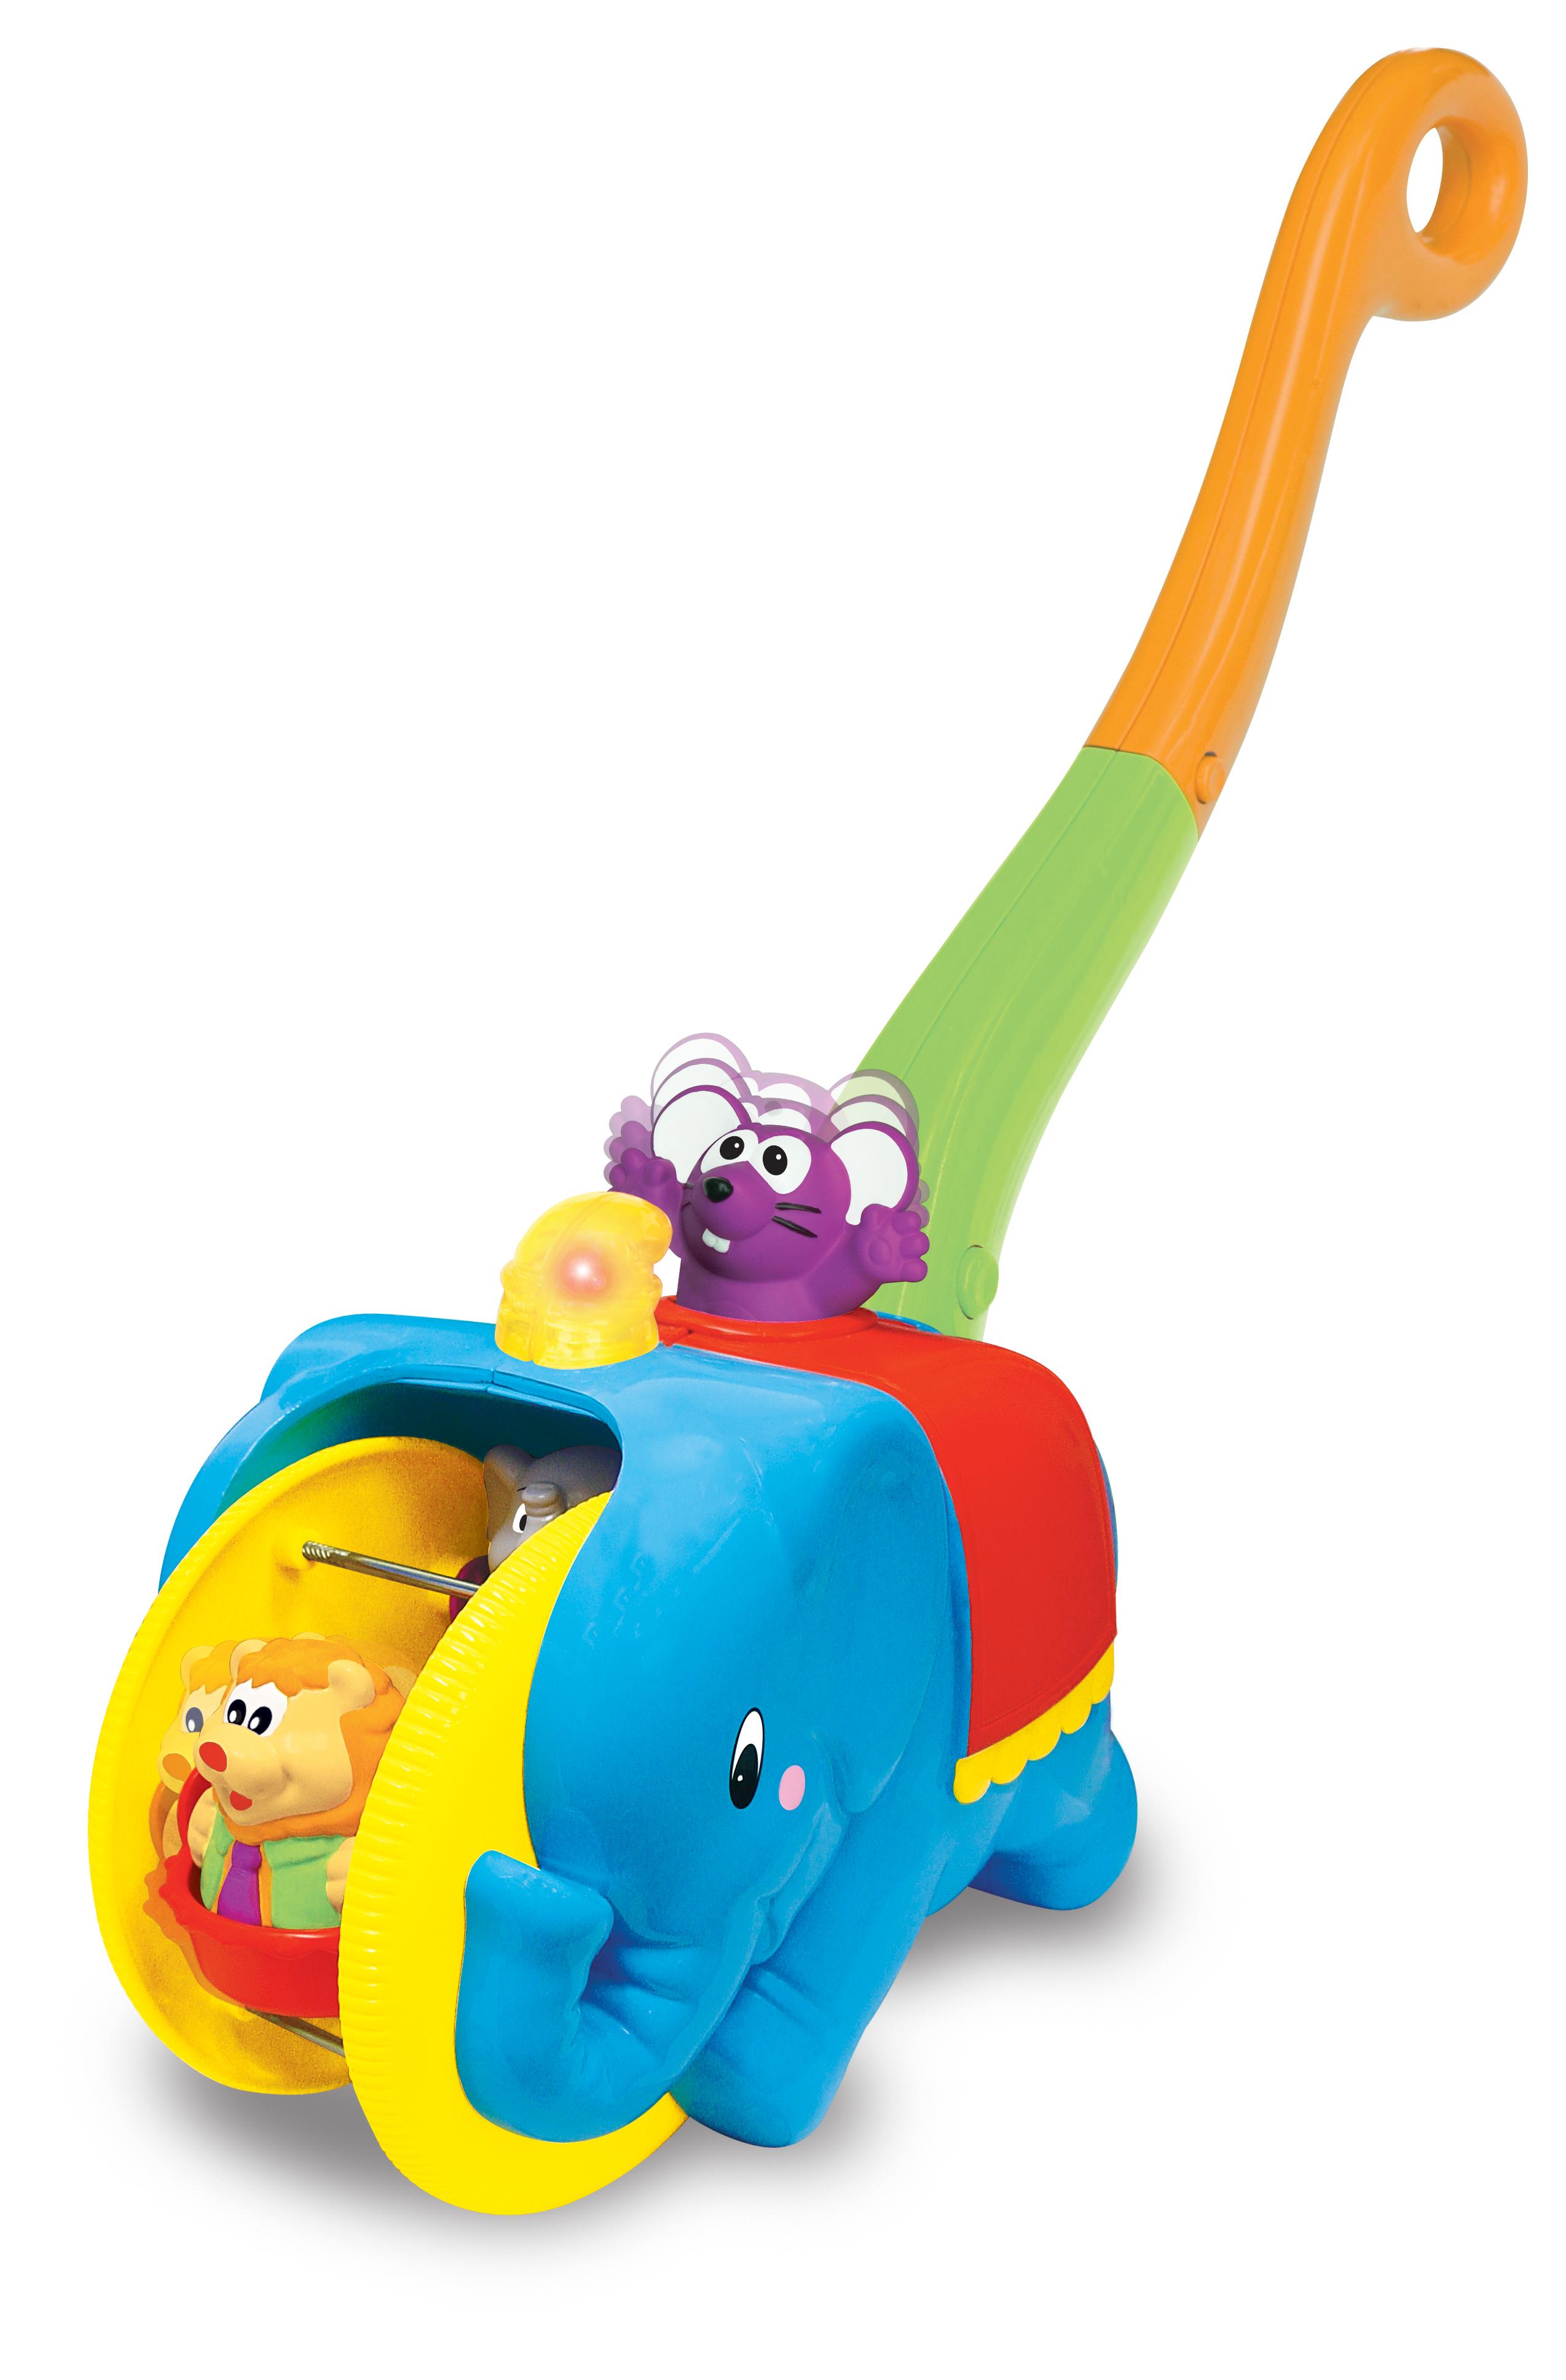 Kiddieland Игровая каталка с ручкой Цирковой слонKID 049759KID 049759 Игровая каталка с ручкой Цирковой слон. Яркая, озвученная на русском языке игрушка-каталка с удобной ручкой развлечет малыша мигающими огоньками и веселыми песенками. Малыш, опираясь на ручку, легко сможет катить игрушку в различных направлениях. Во время движения игрушки фигурка мышонка двигается вверх-вниз, а цирковые зверушки весело кружатся в колесе. При этом звучат забавные песенки. Фигурки цирковых зверей легко снимаются, и малыш может играть с ними отдельно. Добро пожаловать в цирк! Упаковка презентационно-открытая. Питание: 2 батареи АА (входят в комплект). Размер игрушки: 46х12,5х37,3 см. Ссылка на видео обзор: http://www.youtube.com/watch?v=dK0E5ijQvWw Рекомендовано для детей возрастом от 18 месяцев.